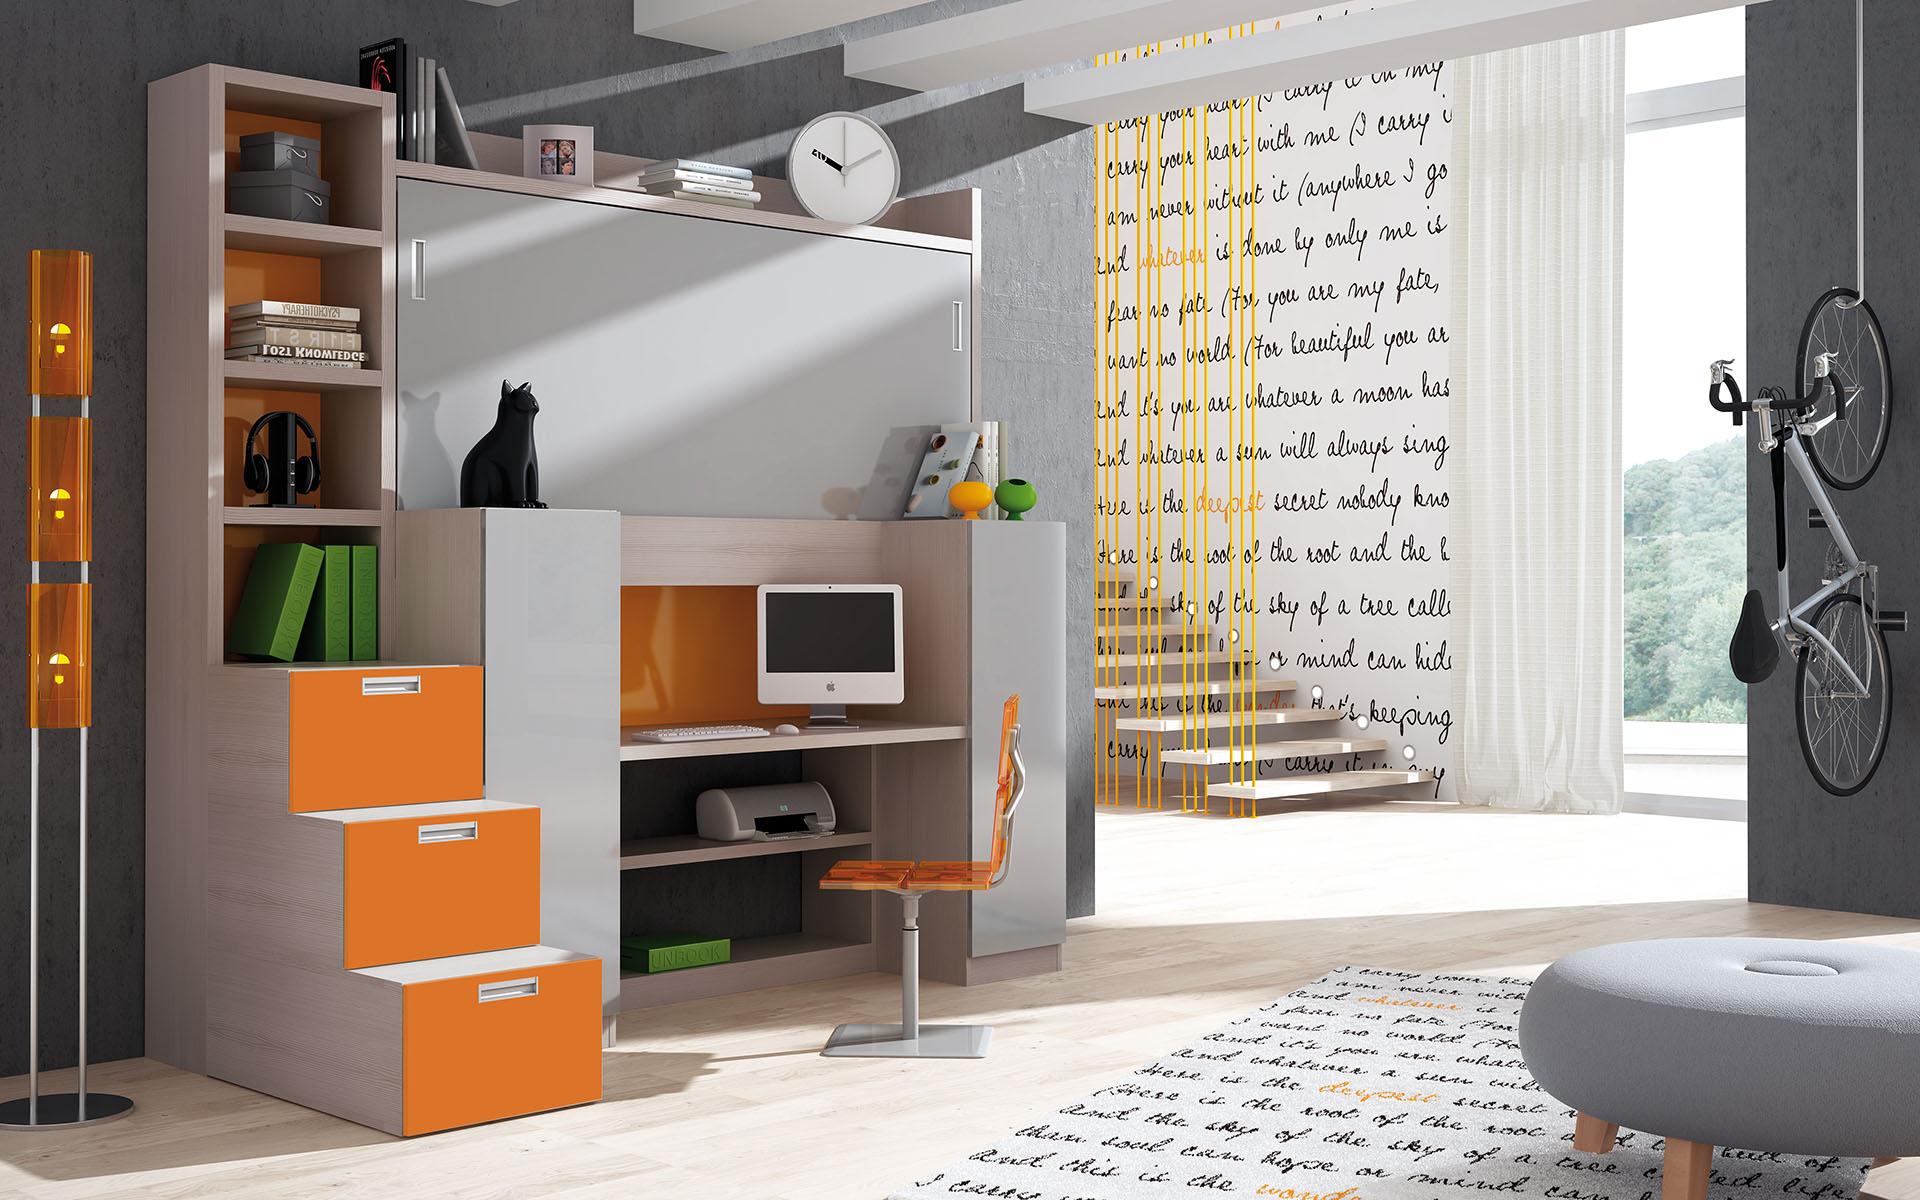 5 estilos de decoraci n para una habitaci n juvenil de ensue o - Muebles el chaflan ...